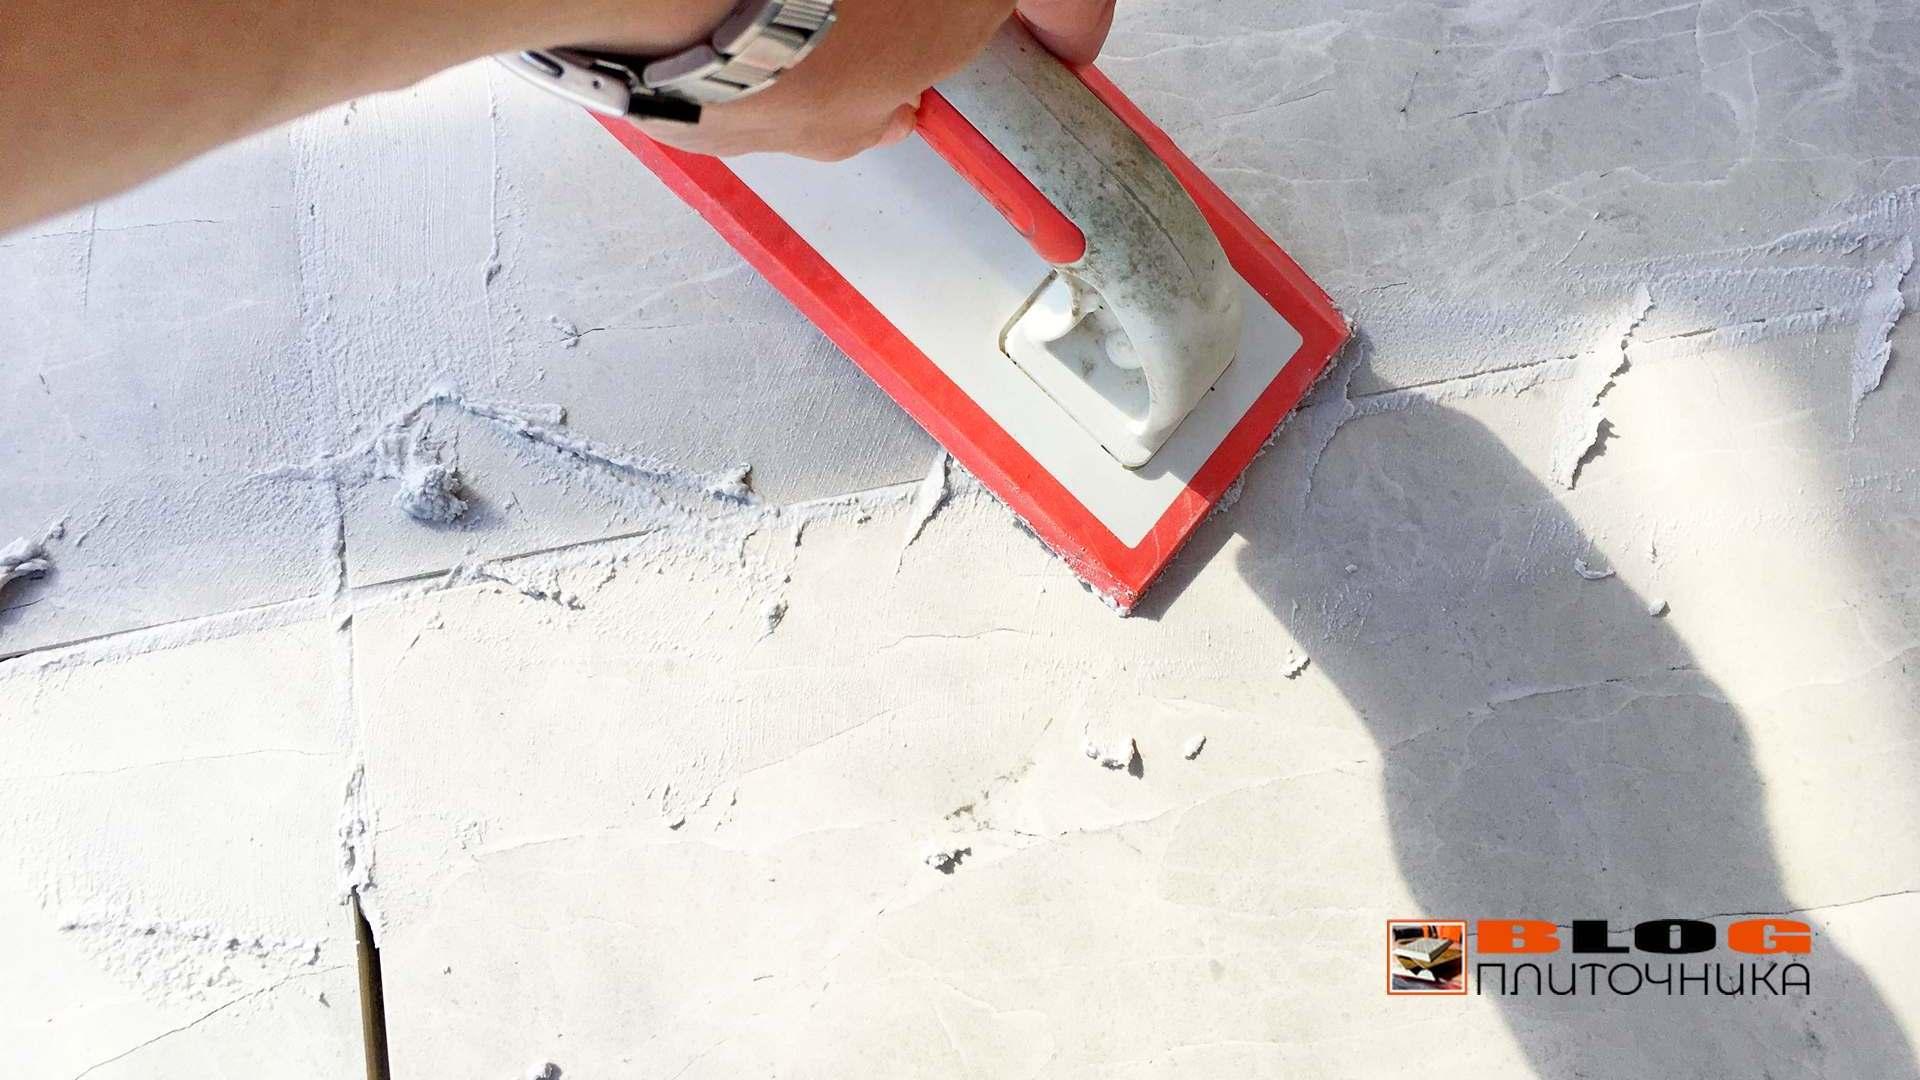 полимерная затирка швов под разными углами заполенение процесс фуговка швов керамогранита шов 4 мм блог плиточникаj 2